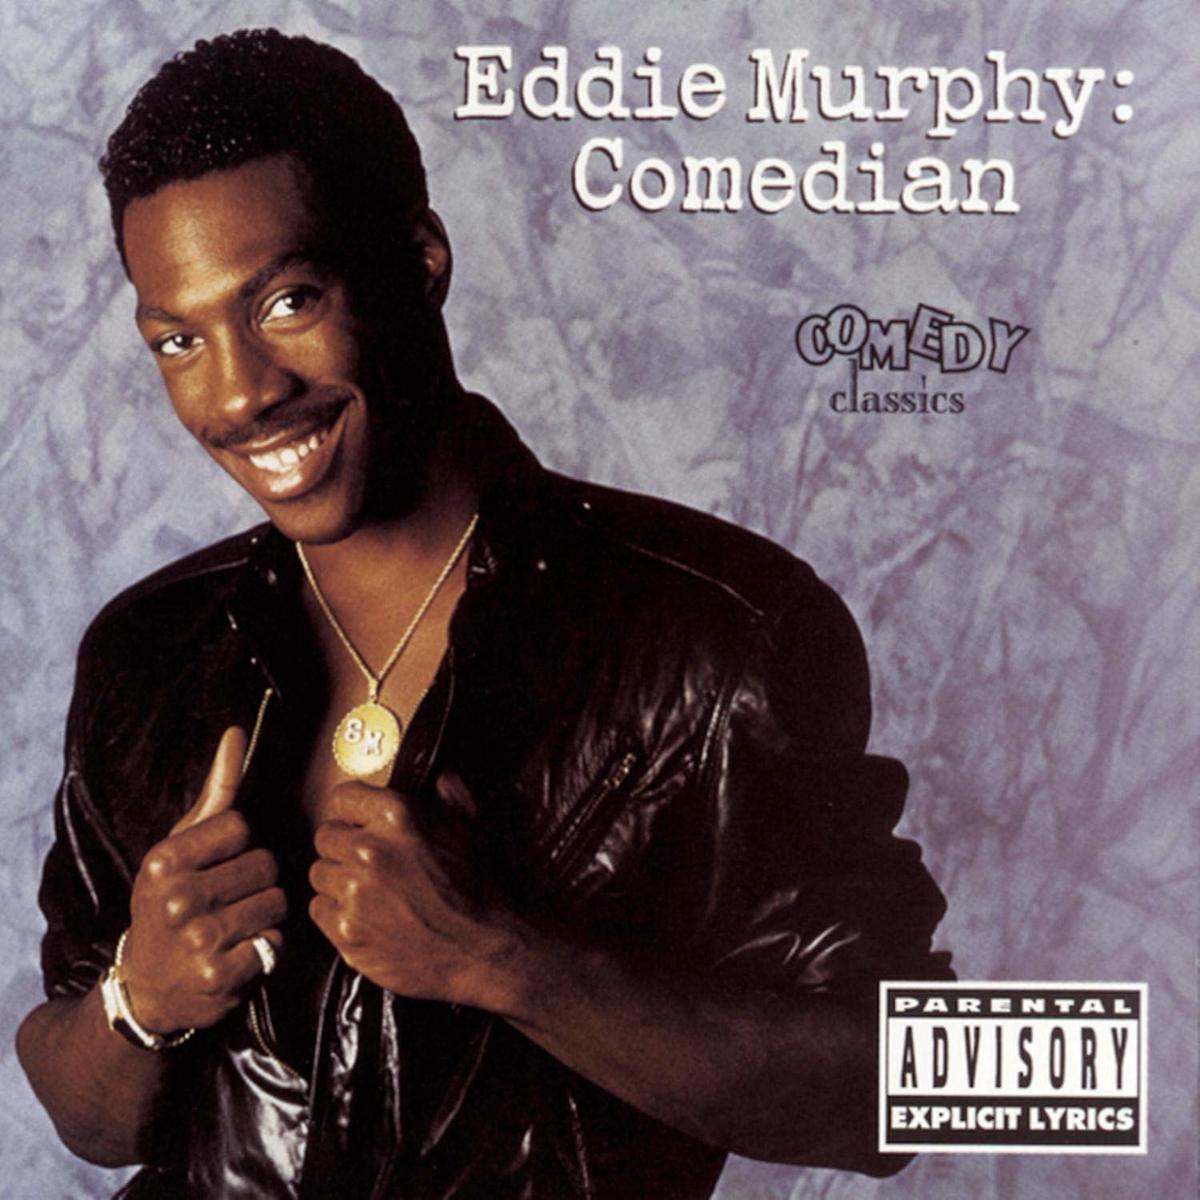 Eddie Murphy: Comedian album